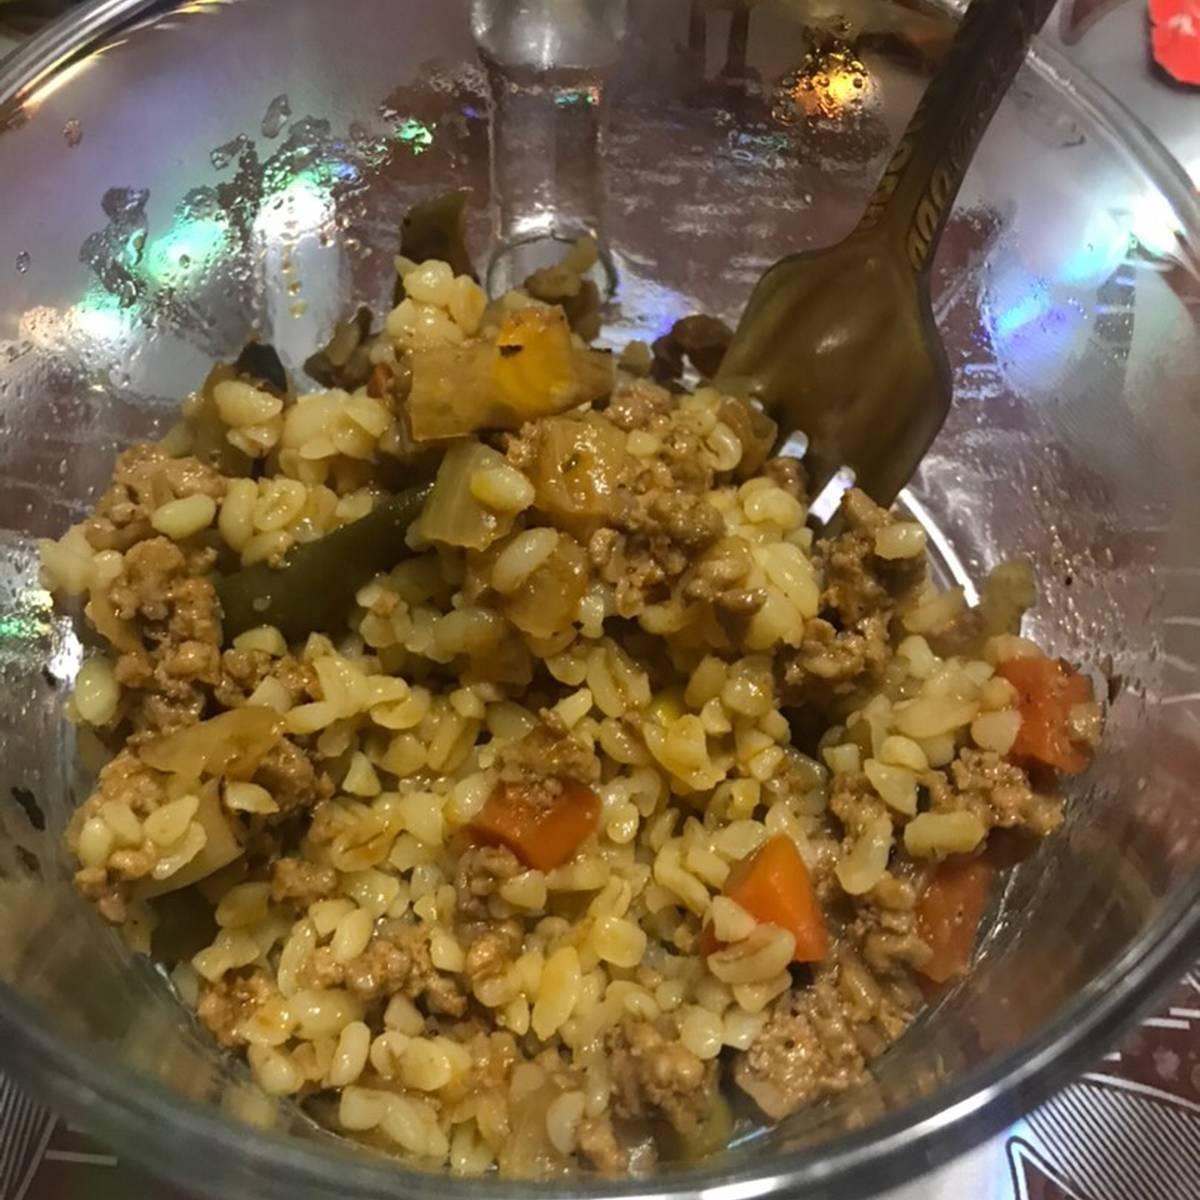 Булгур с фаршем - вкусно и сытно: 4 рецепта приготовления - onwomen.ru